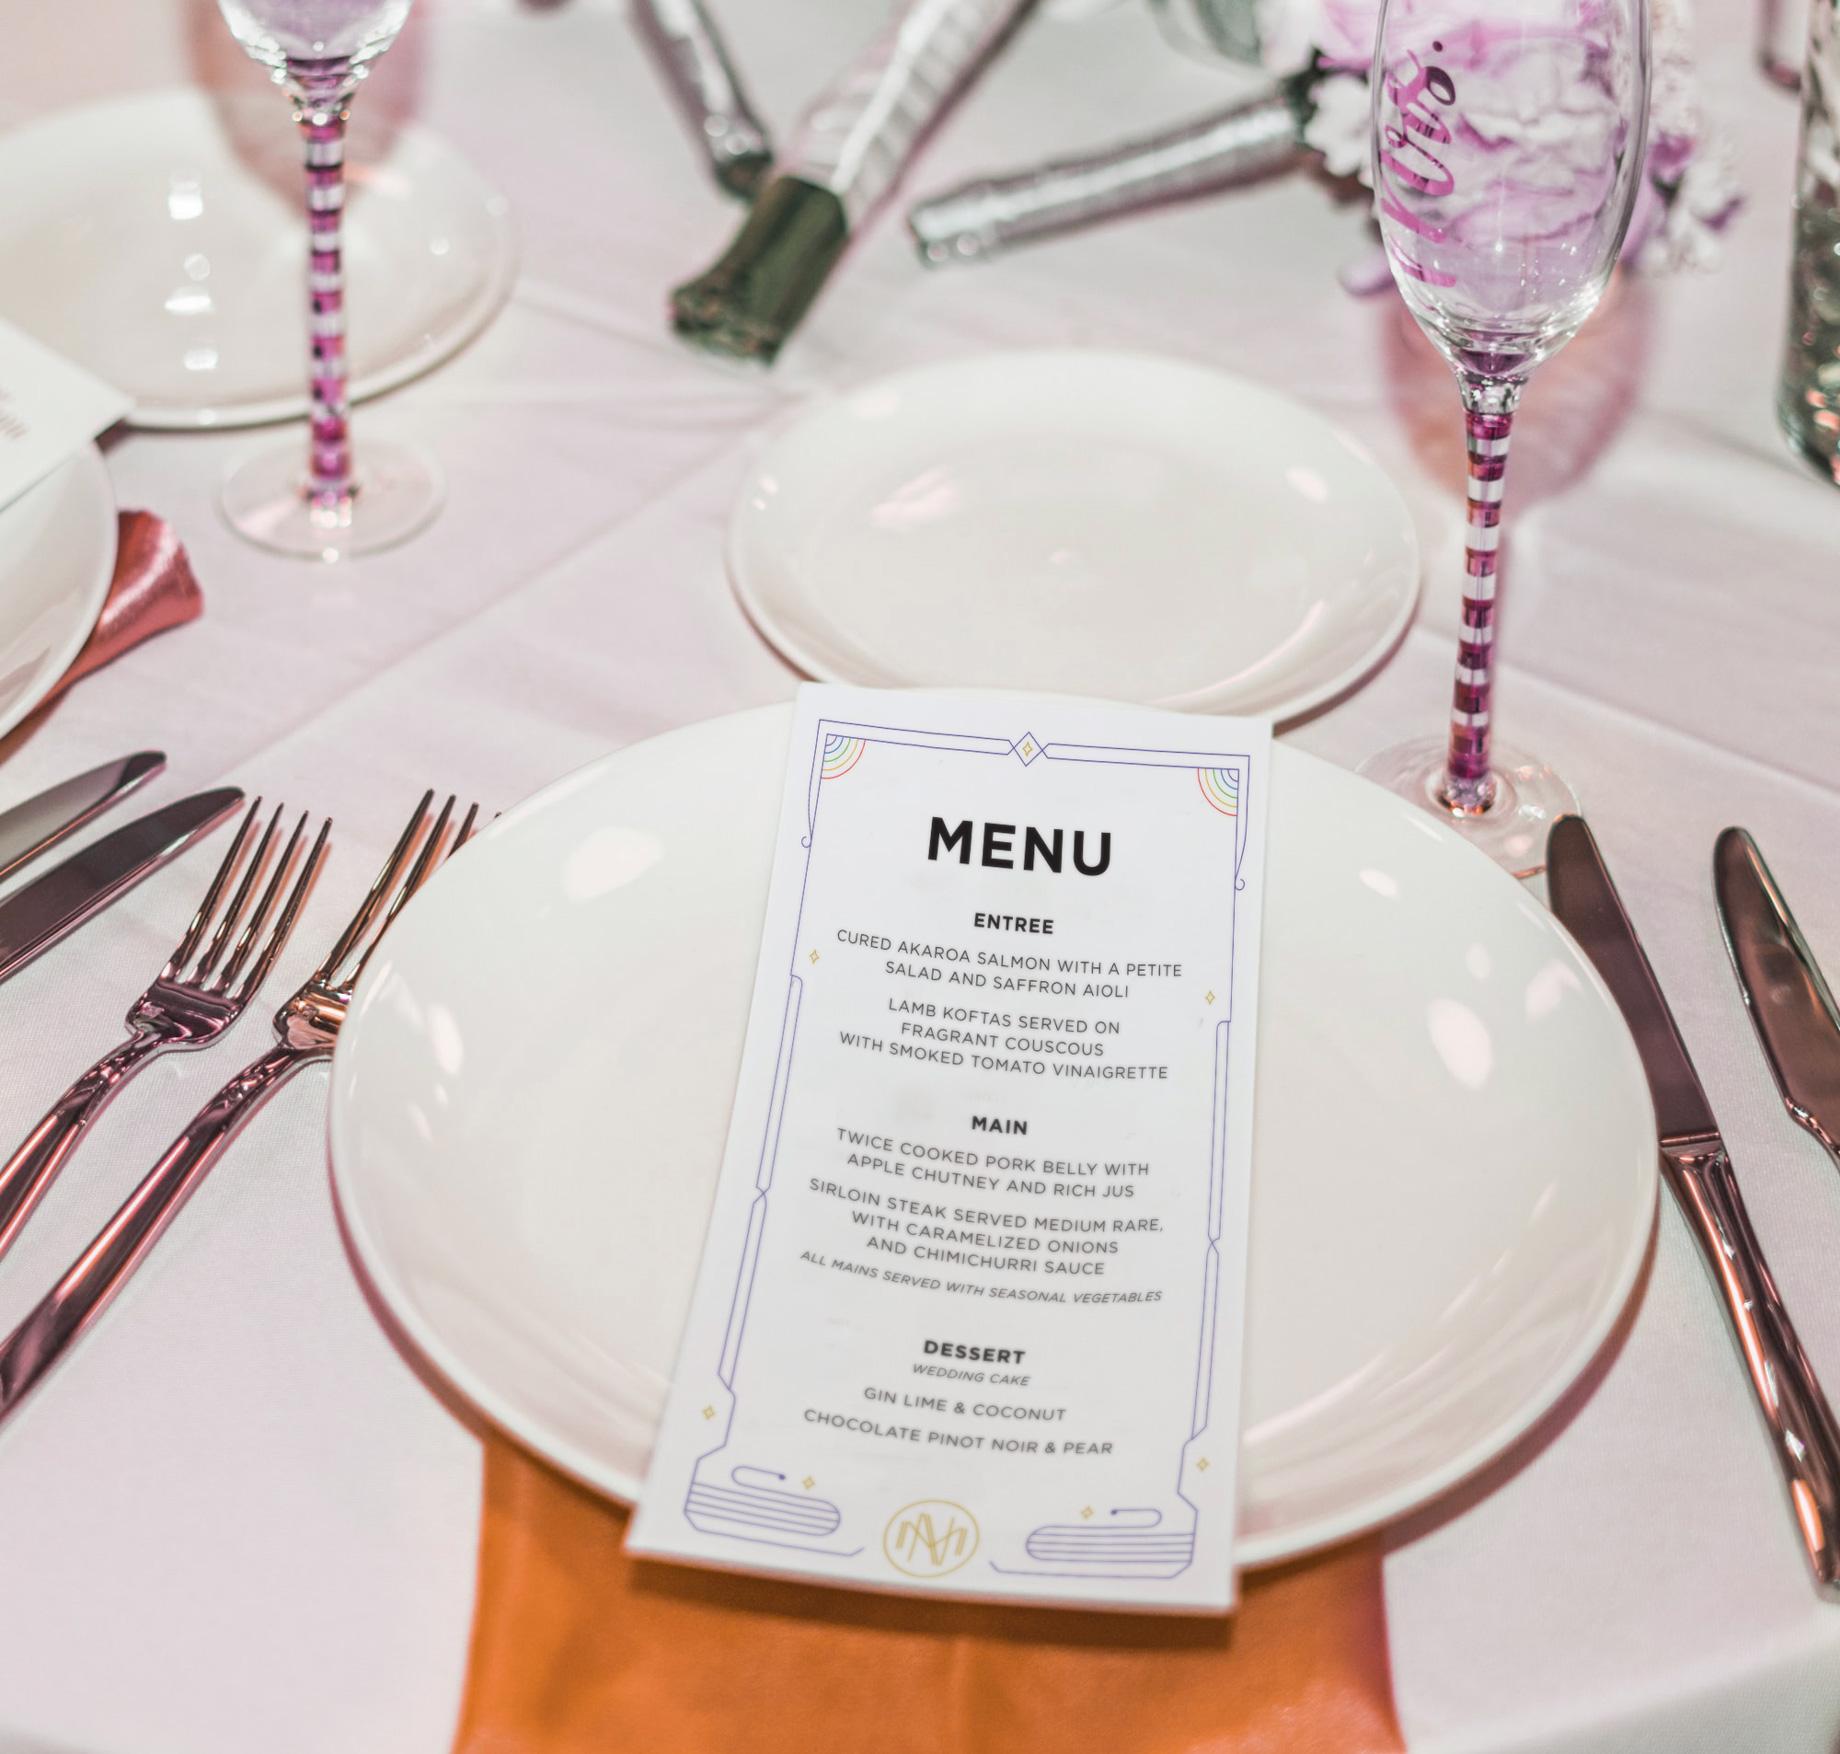 Wedding menu sitting on a plate